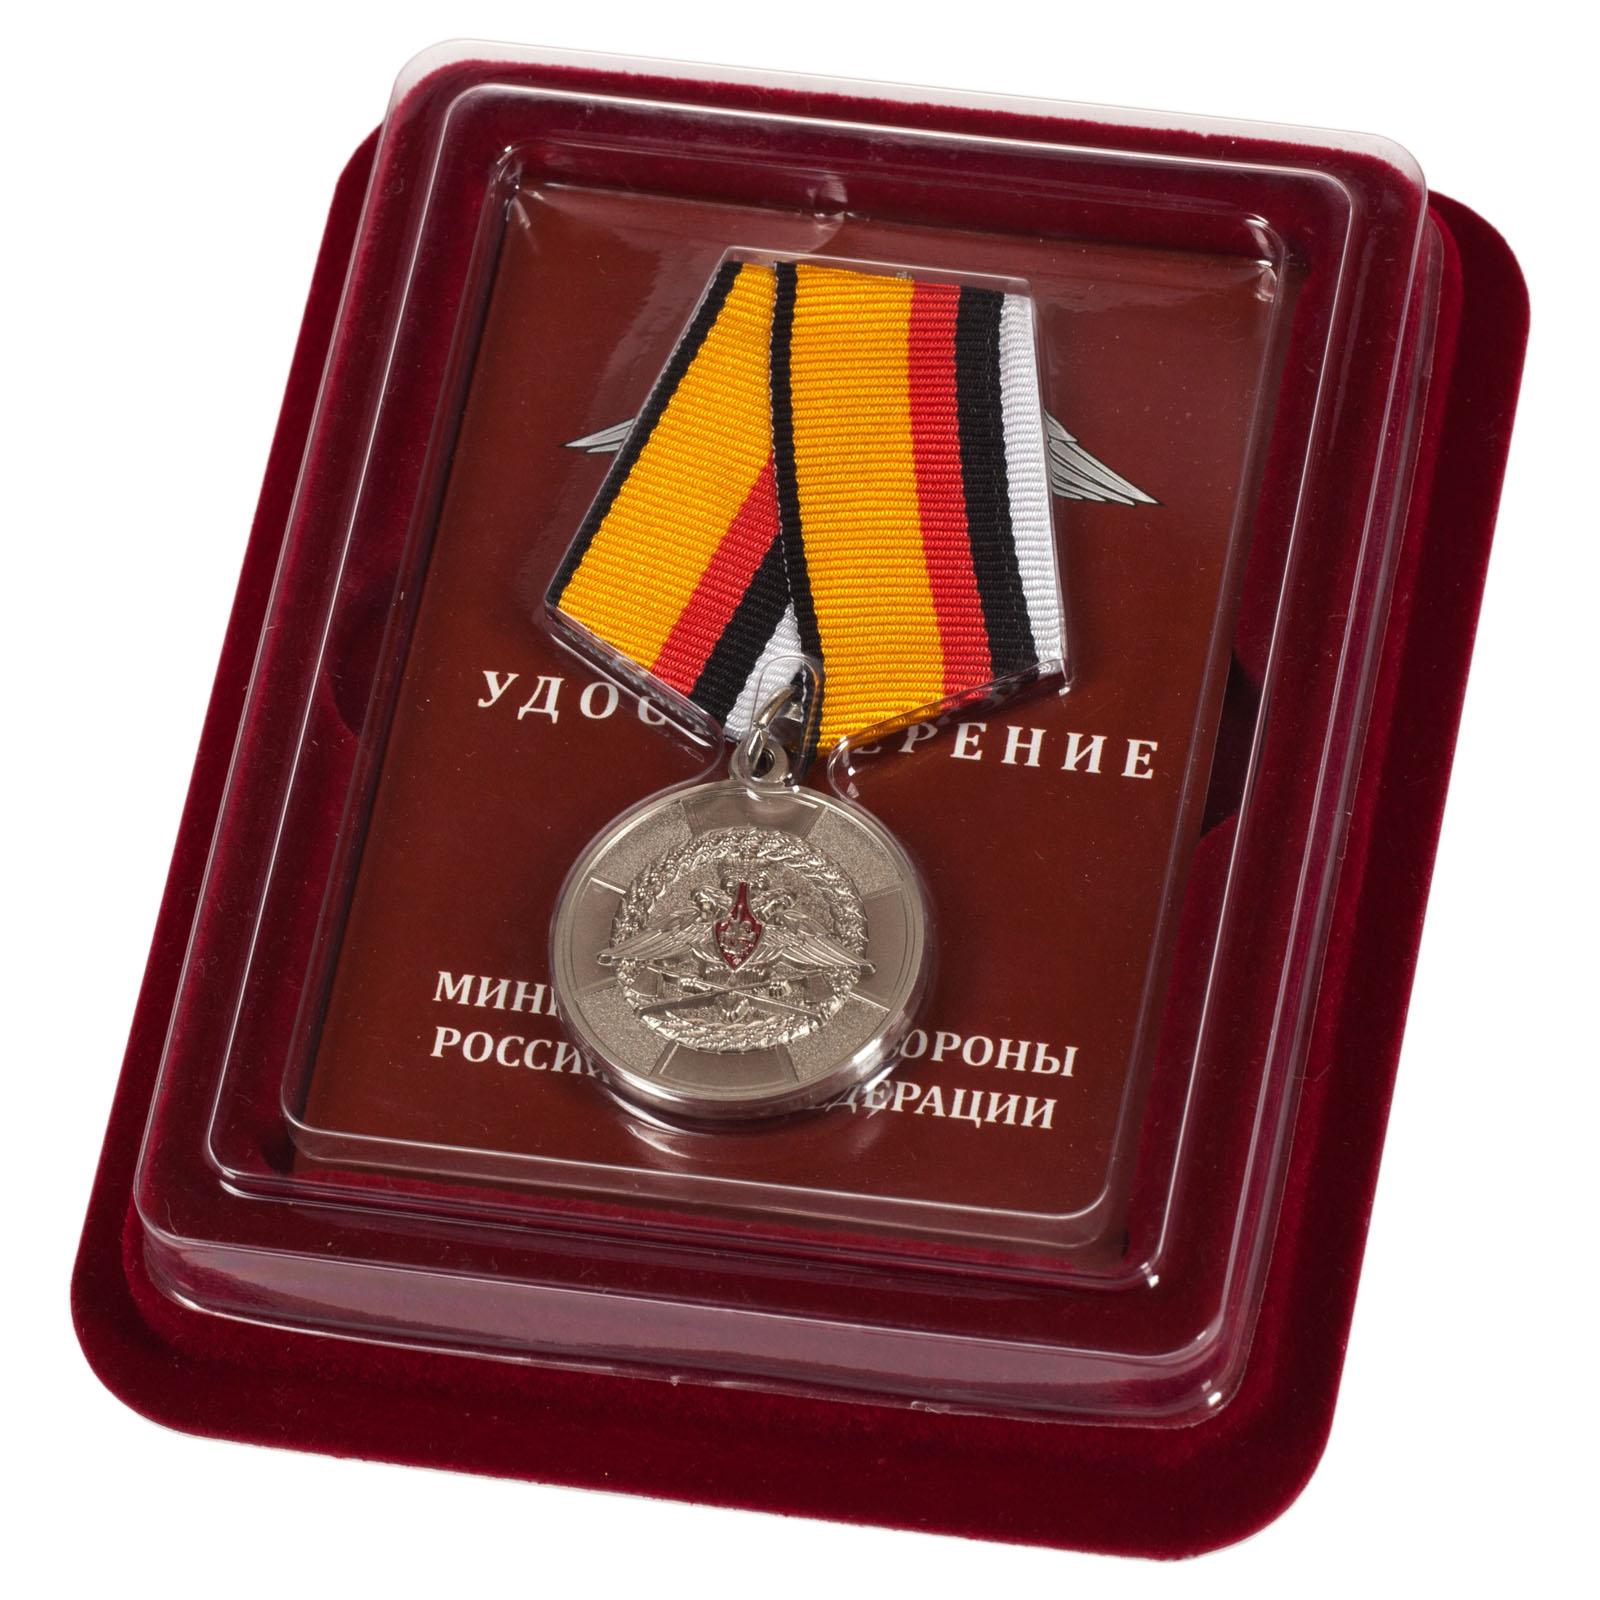 Футляр под медаль с удостоверением